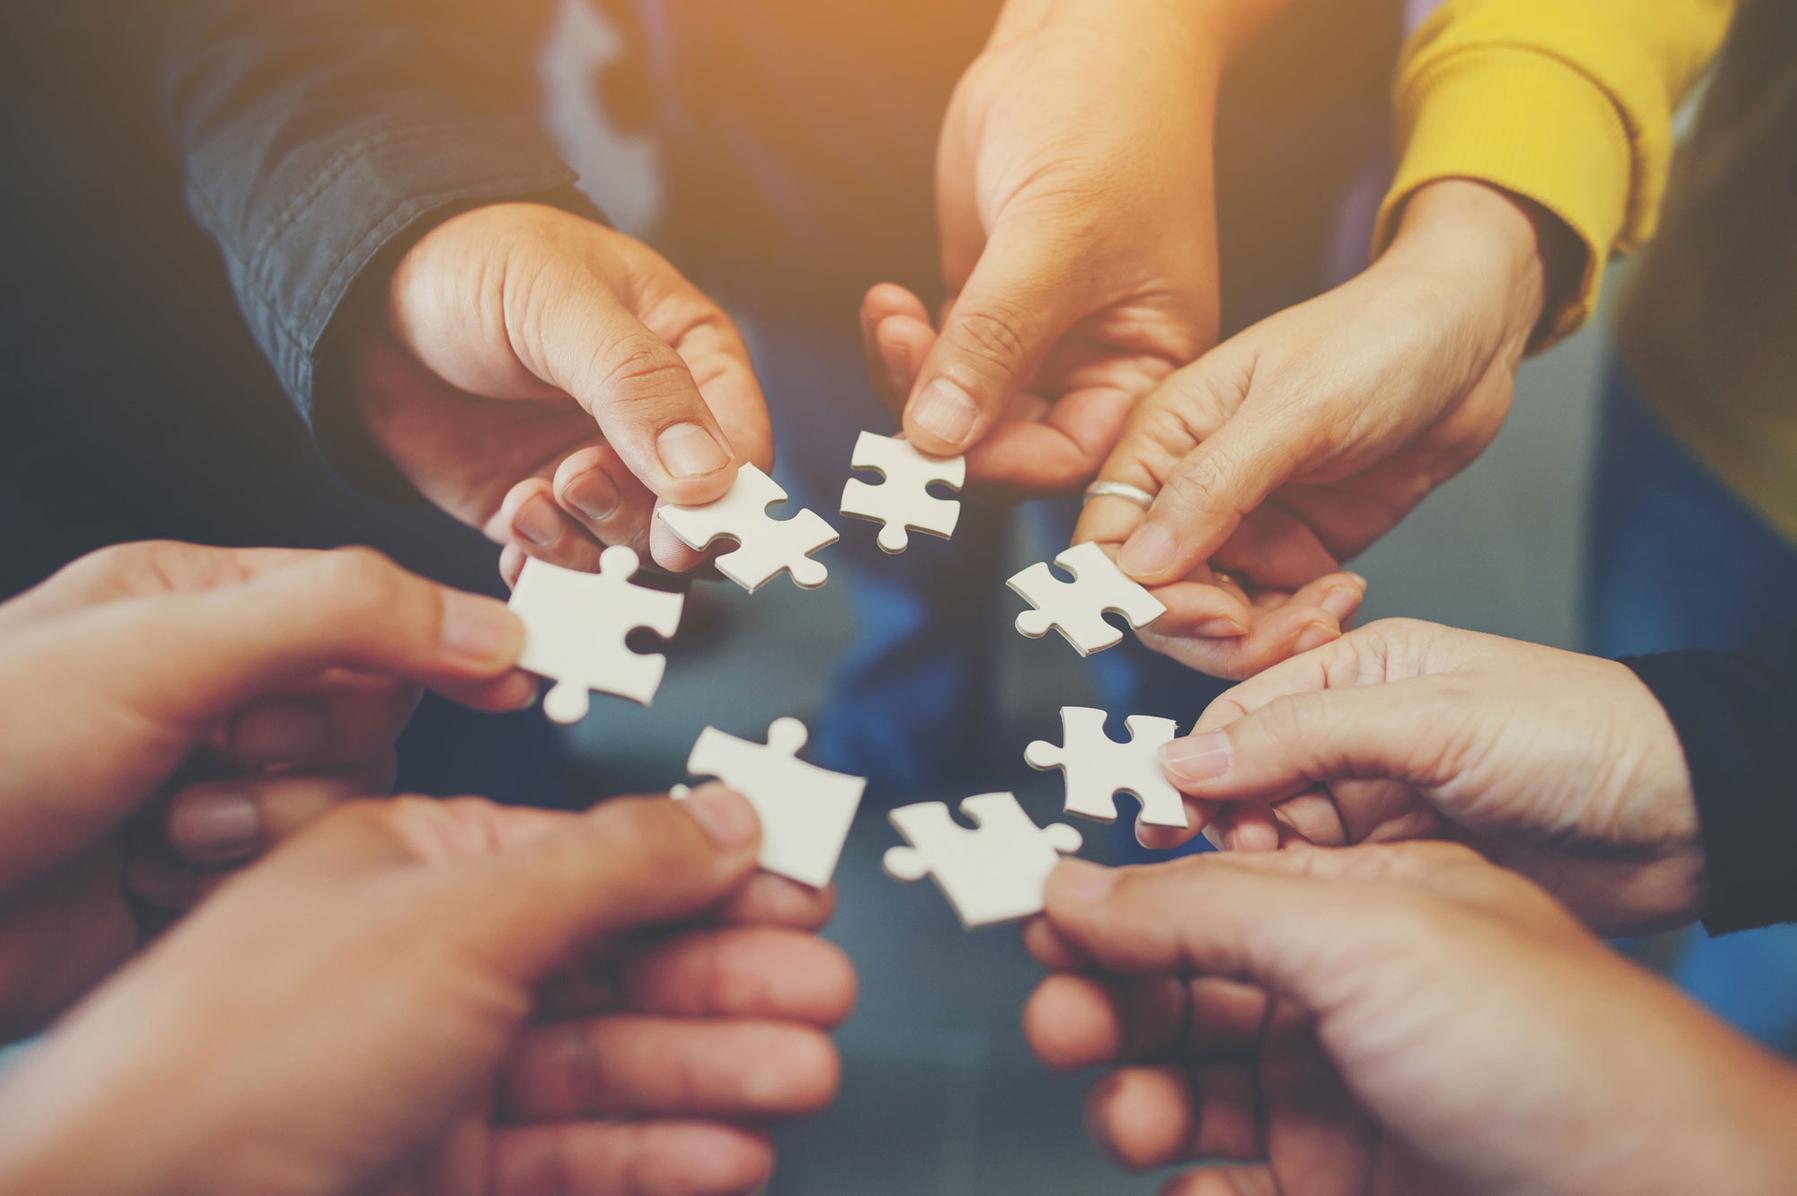 Einzelne Puzzle-Elemente gehalten von Personen zu einem Kreis